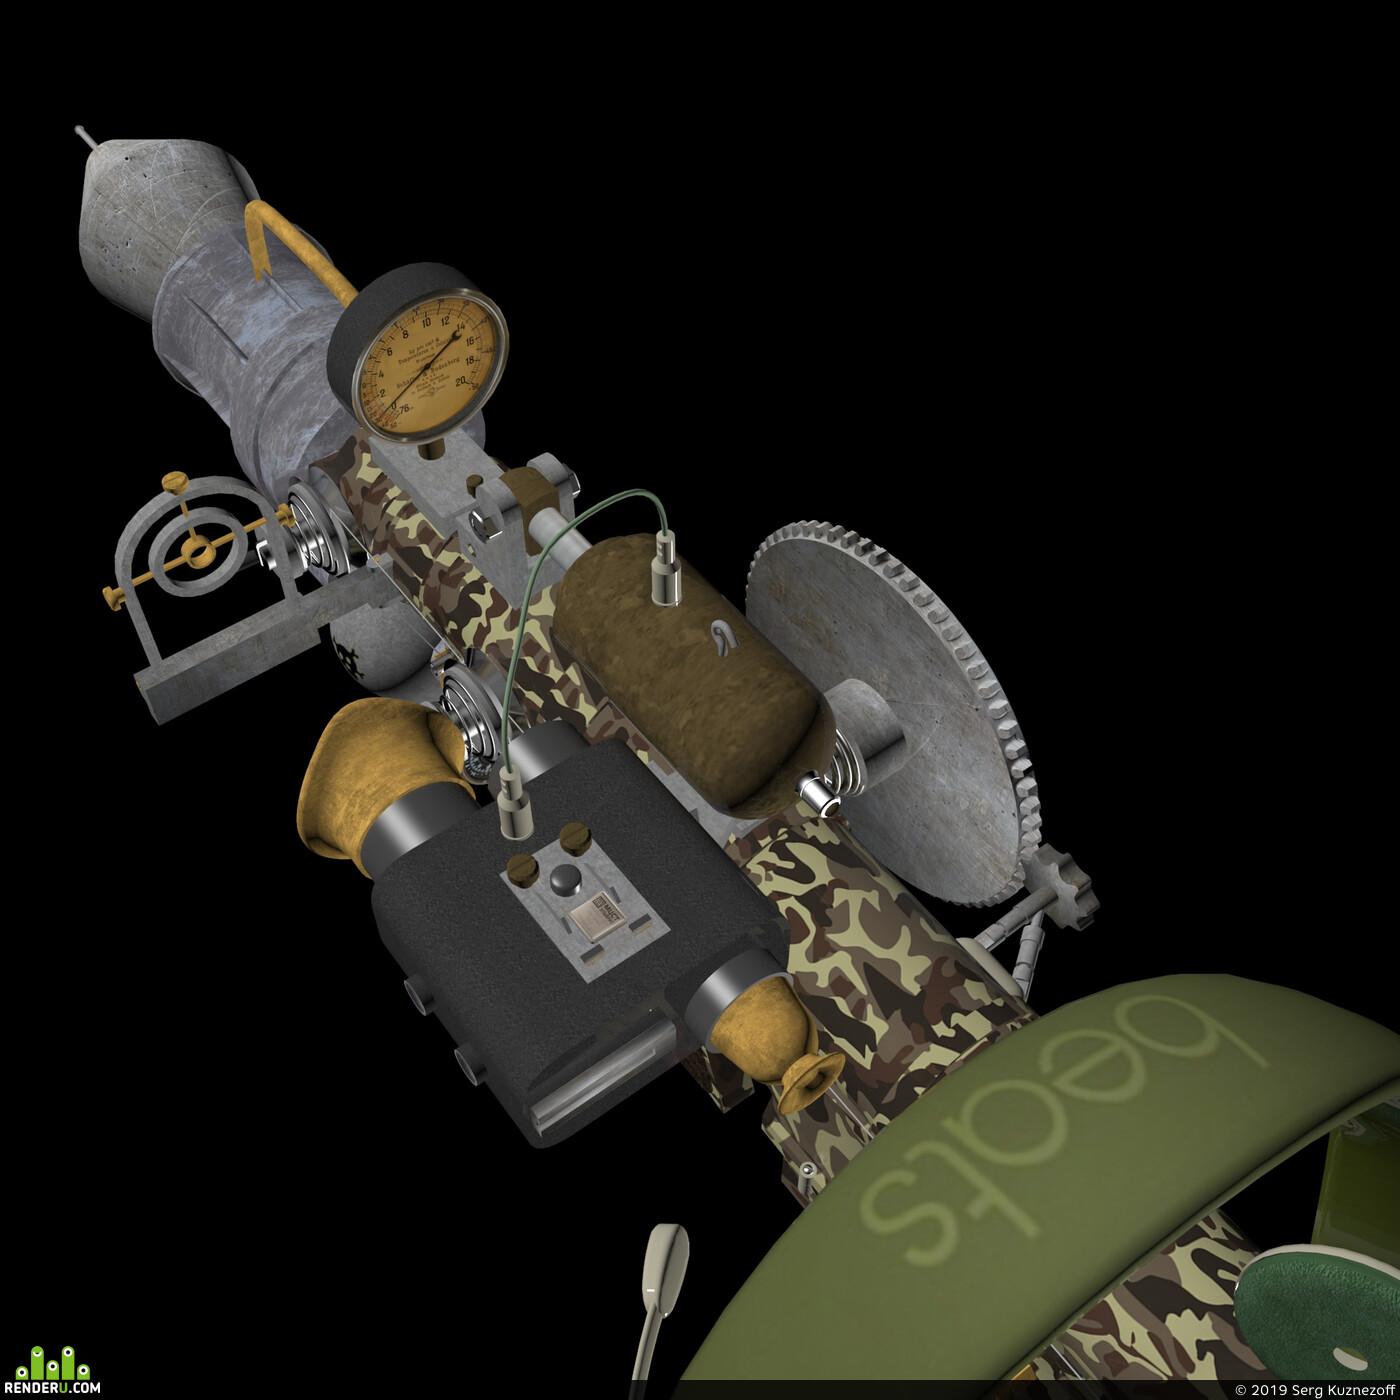 ракета стимпанк ПЗРК пусковая установка зенитная оружие